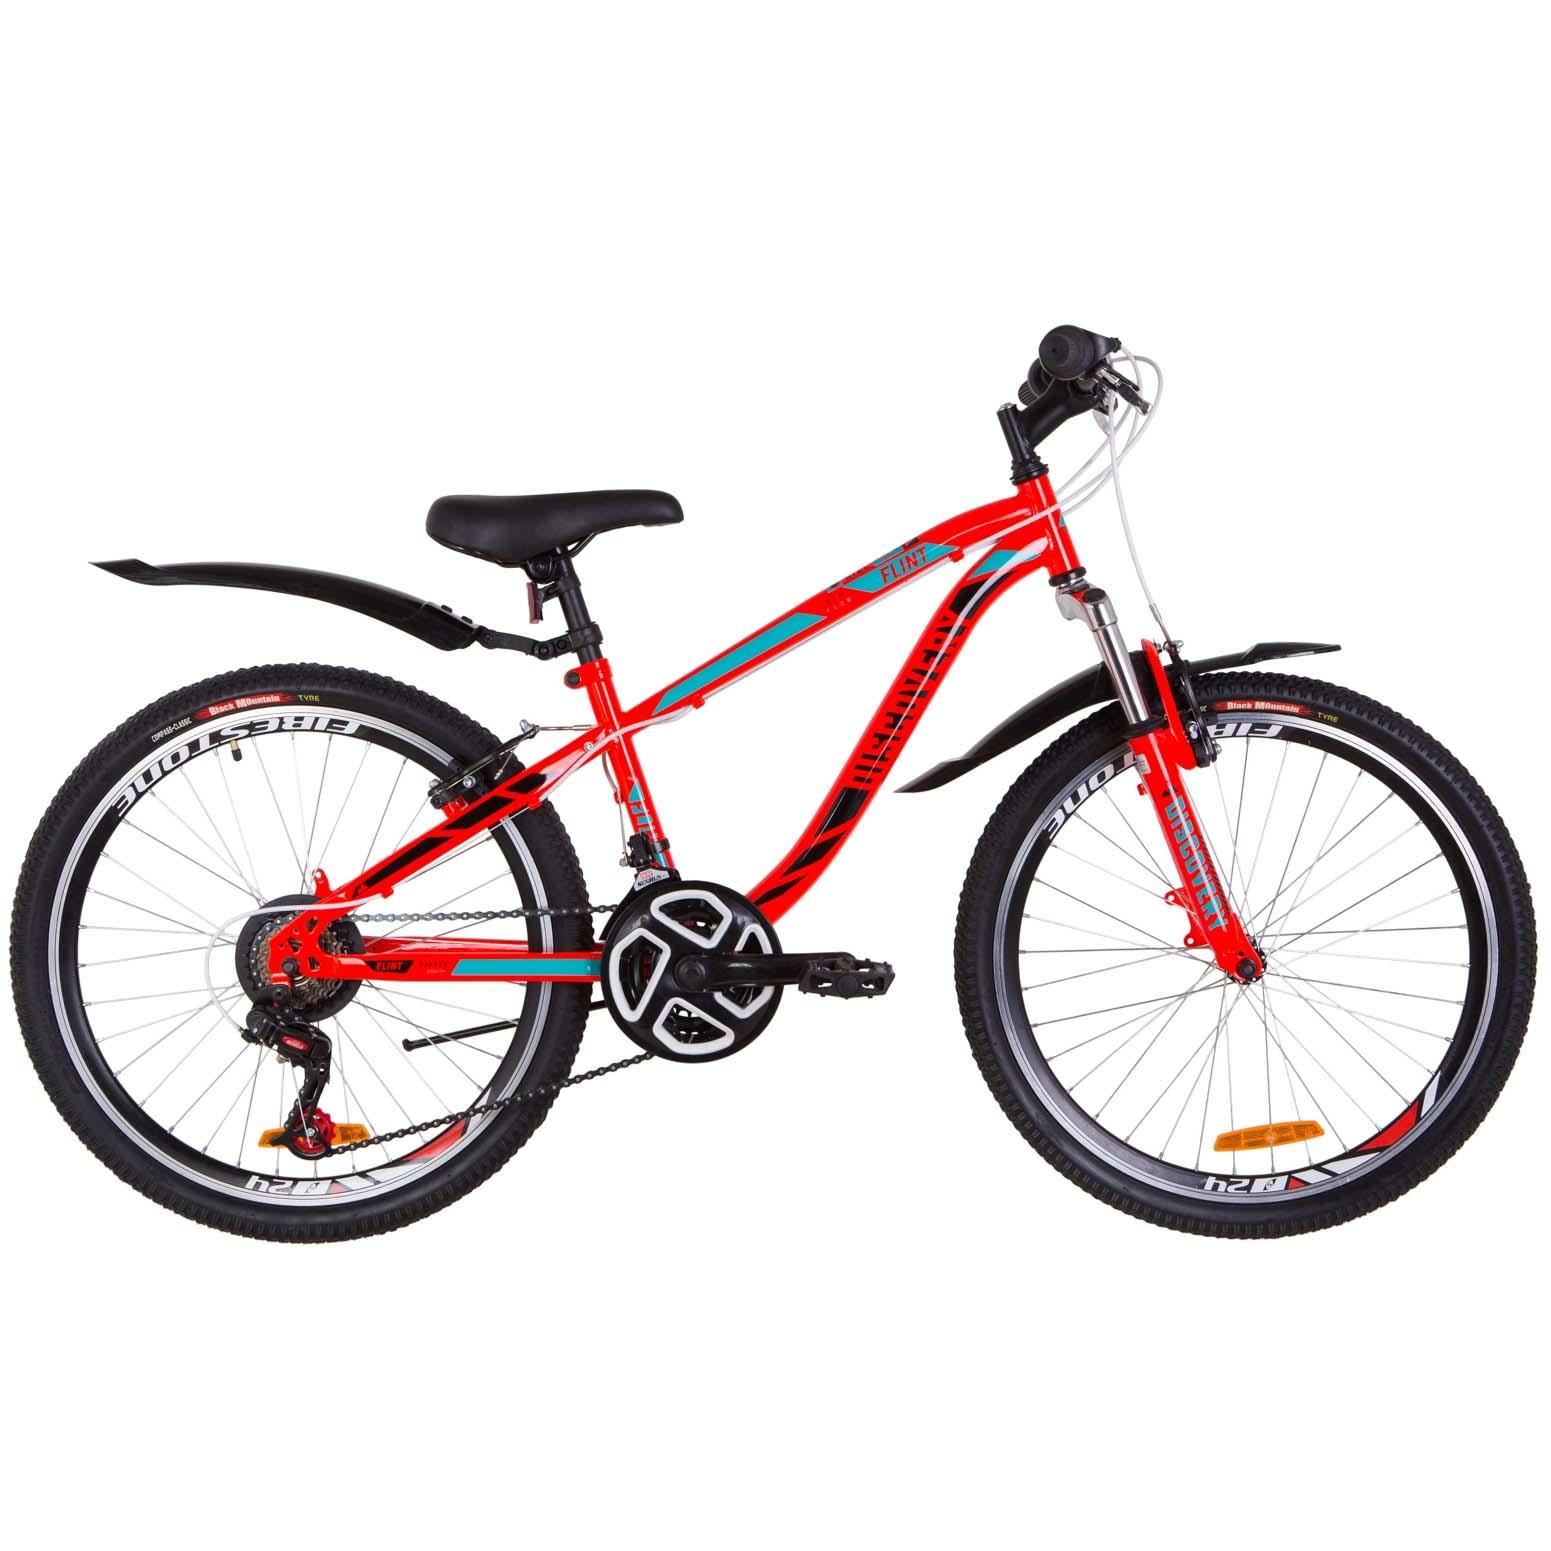 Фото Подростковый Велосипед 24  Discovery FLINT  красно-бирюзовый с черным   2019